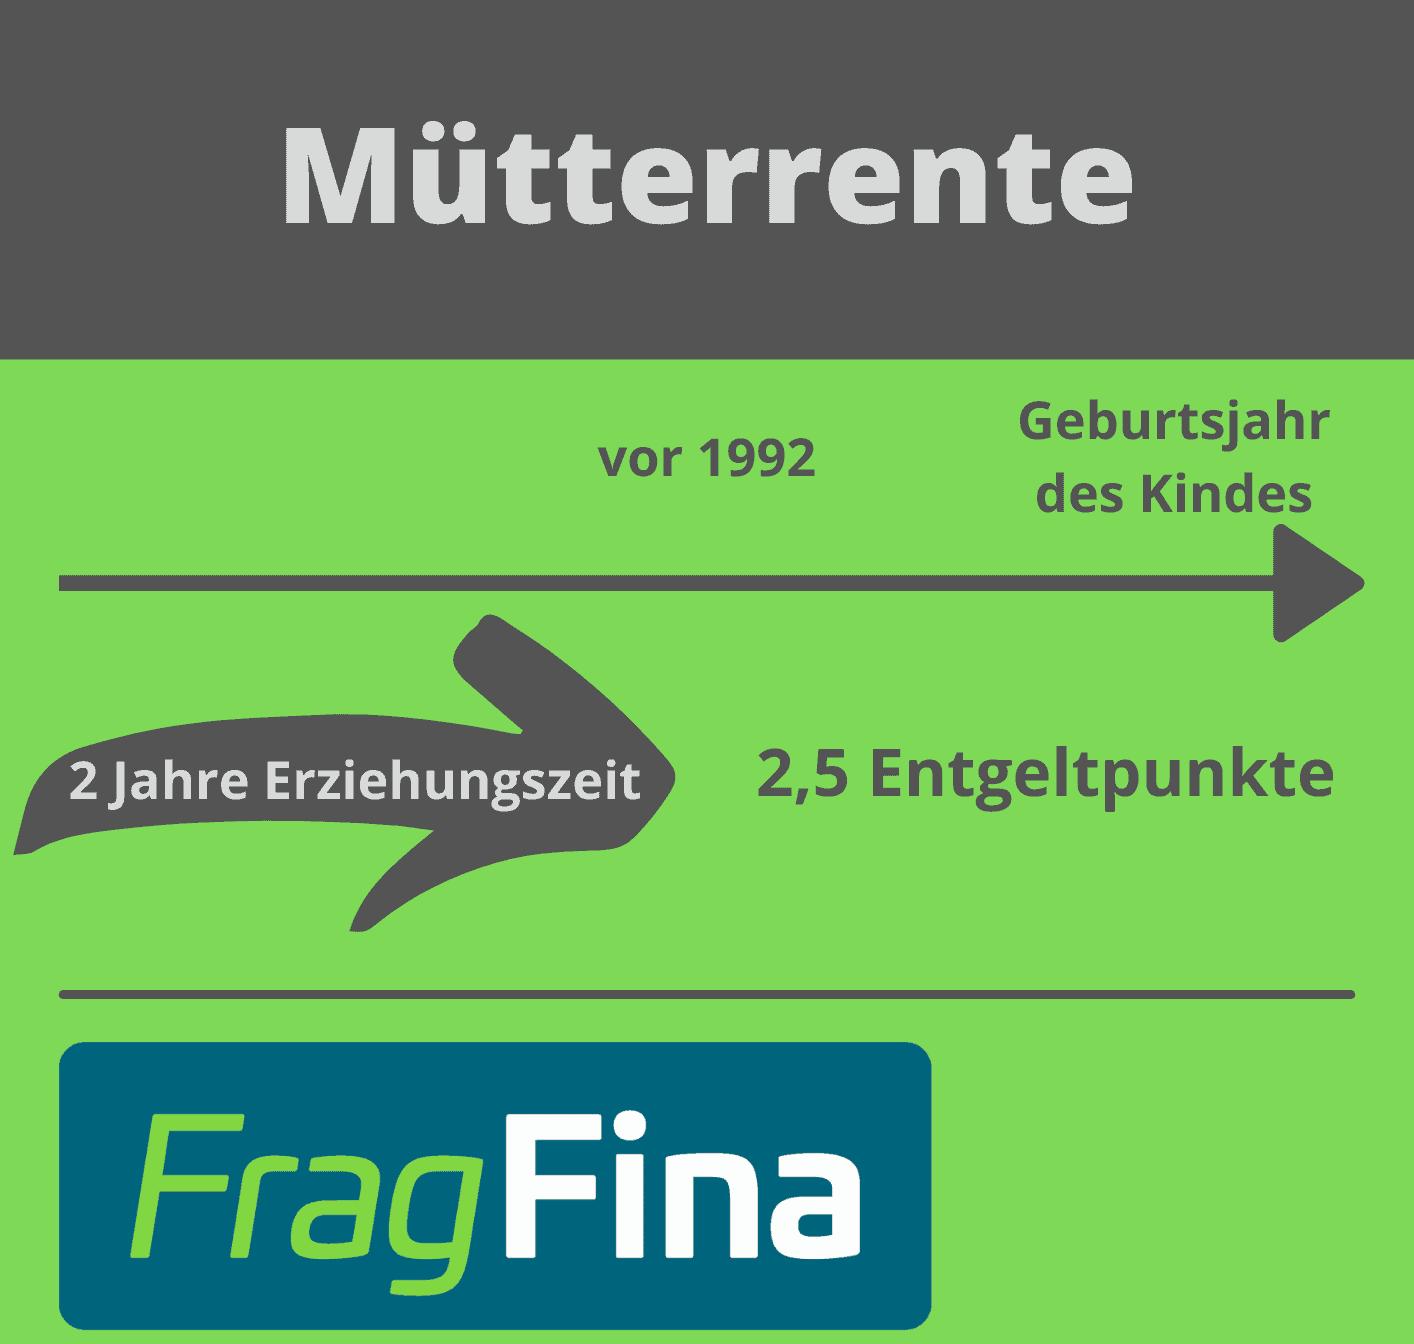 Mütterrente FragFina